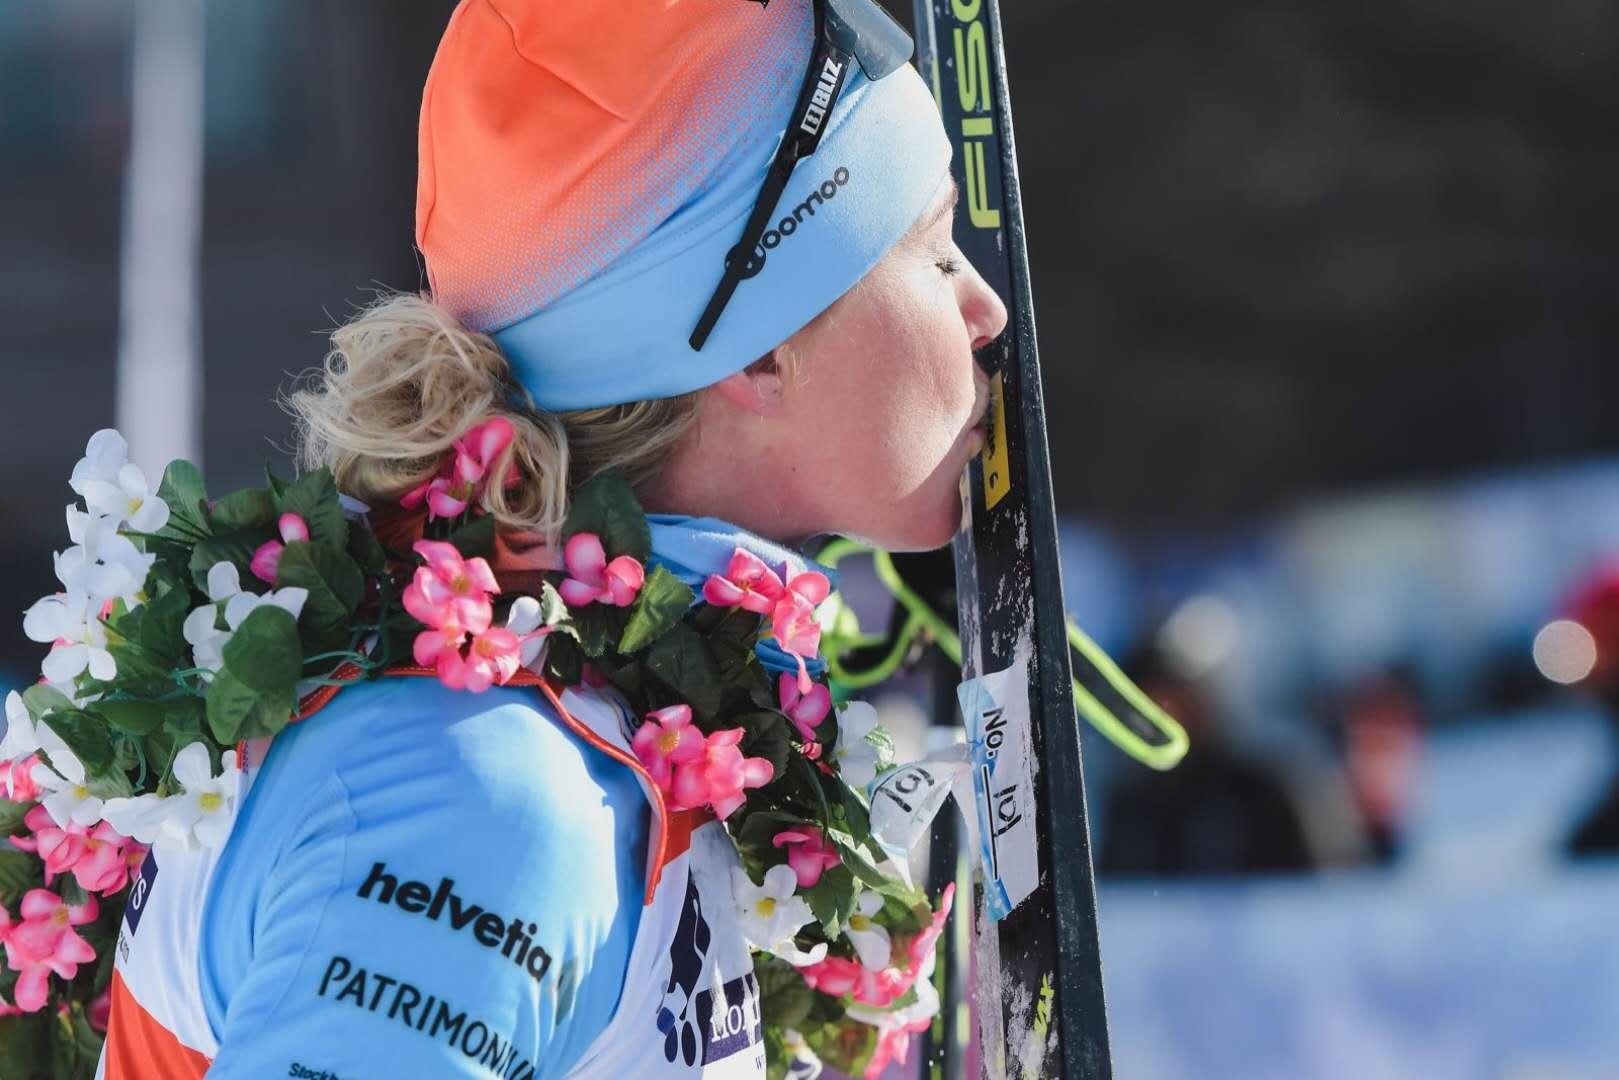 王强和玛丽亚登上最高领奖台,荣获2019中国长春净月潭瓦萨滑雪节50公里组男子及女子冠军!